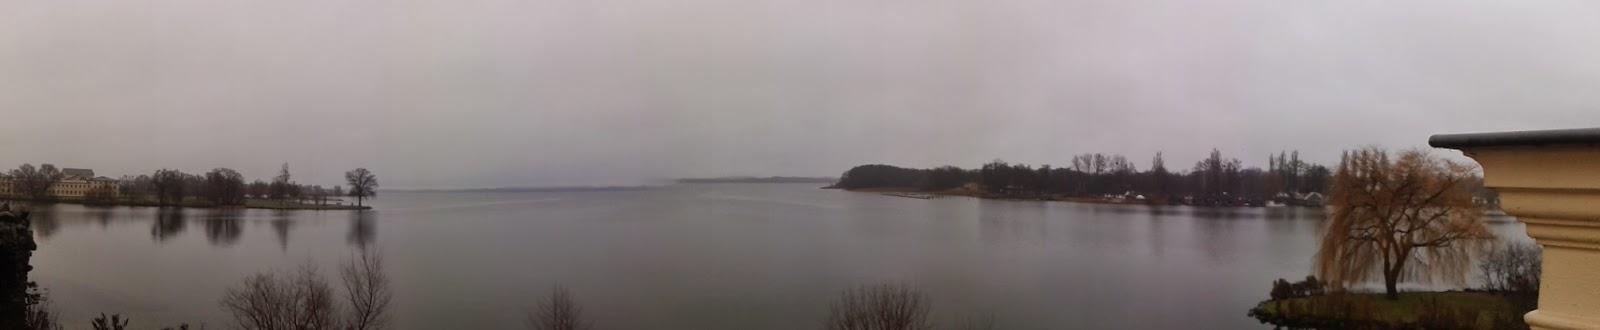 Panorama Bild des Schweriner Sees